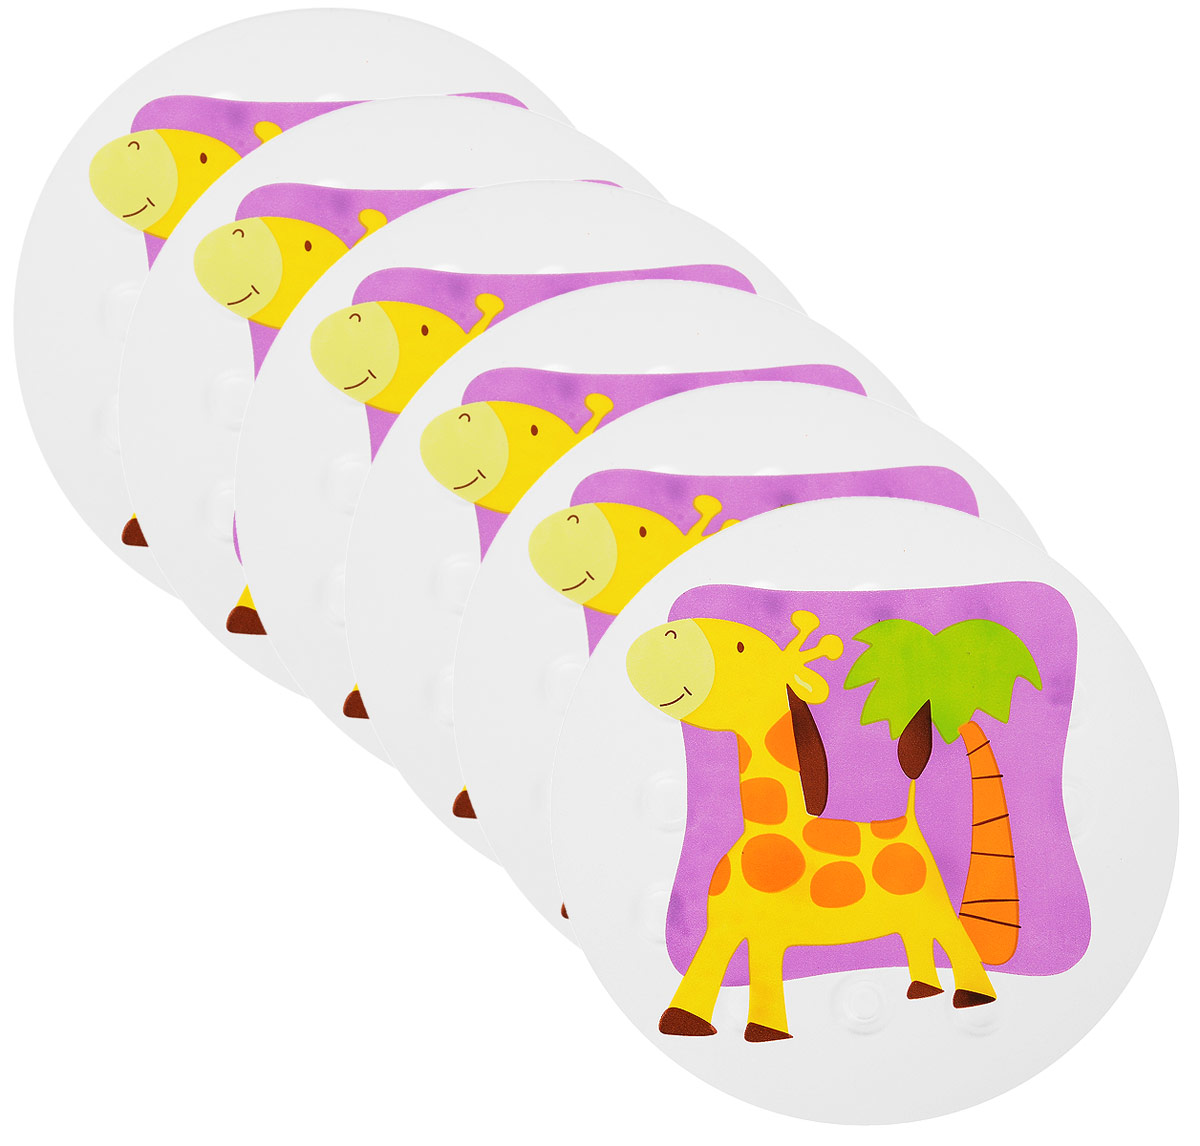 Valiant Мини-коврик для ванной комнаты Жирафик на присосках 6 шт68/5/4Мини-коврик для ванной комнаты Valiant Жирафик - это модный и экономичный способ сделать вашу ванную комнату более уютной, красивой и безопасной.В наборе представлены 6 круглых мини-ковриков с изображением забавных жирафиков. Коврики прочно крепятся на любую гладкую поверхность с помощью присосок. Расположите коврик там, где вам необходимо яркое цветовое пятно и надежная противоскользящая опора - на поверхности ванной, на кафельной стене или стенке душевой кабины, на полу - как дополнение вашего коврика стандартного размера.Мини-коврики Valiant незаменимы при купании маленького ребенка: он не поскользнется и не упадет, держась за мягкую и приятную на ощупь рифленую поверхность коврика.Рекомендации по уходу: после использования тщательно смойте остатки мыла или других косметических средств с коврика.